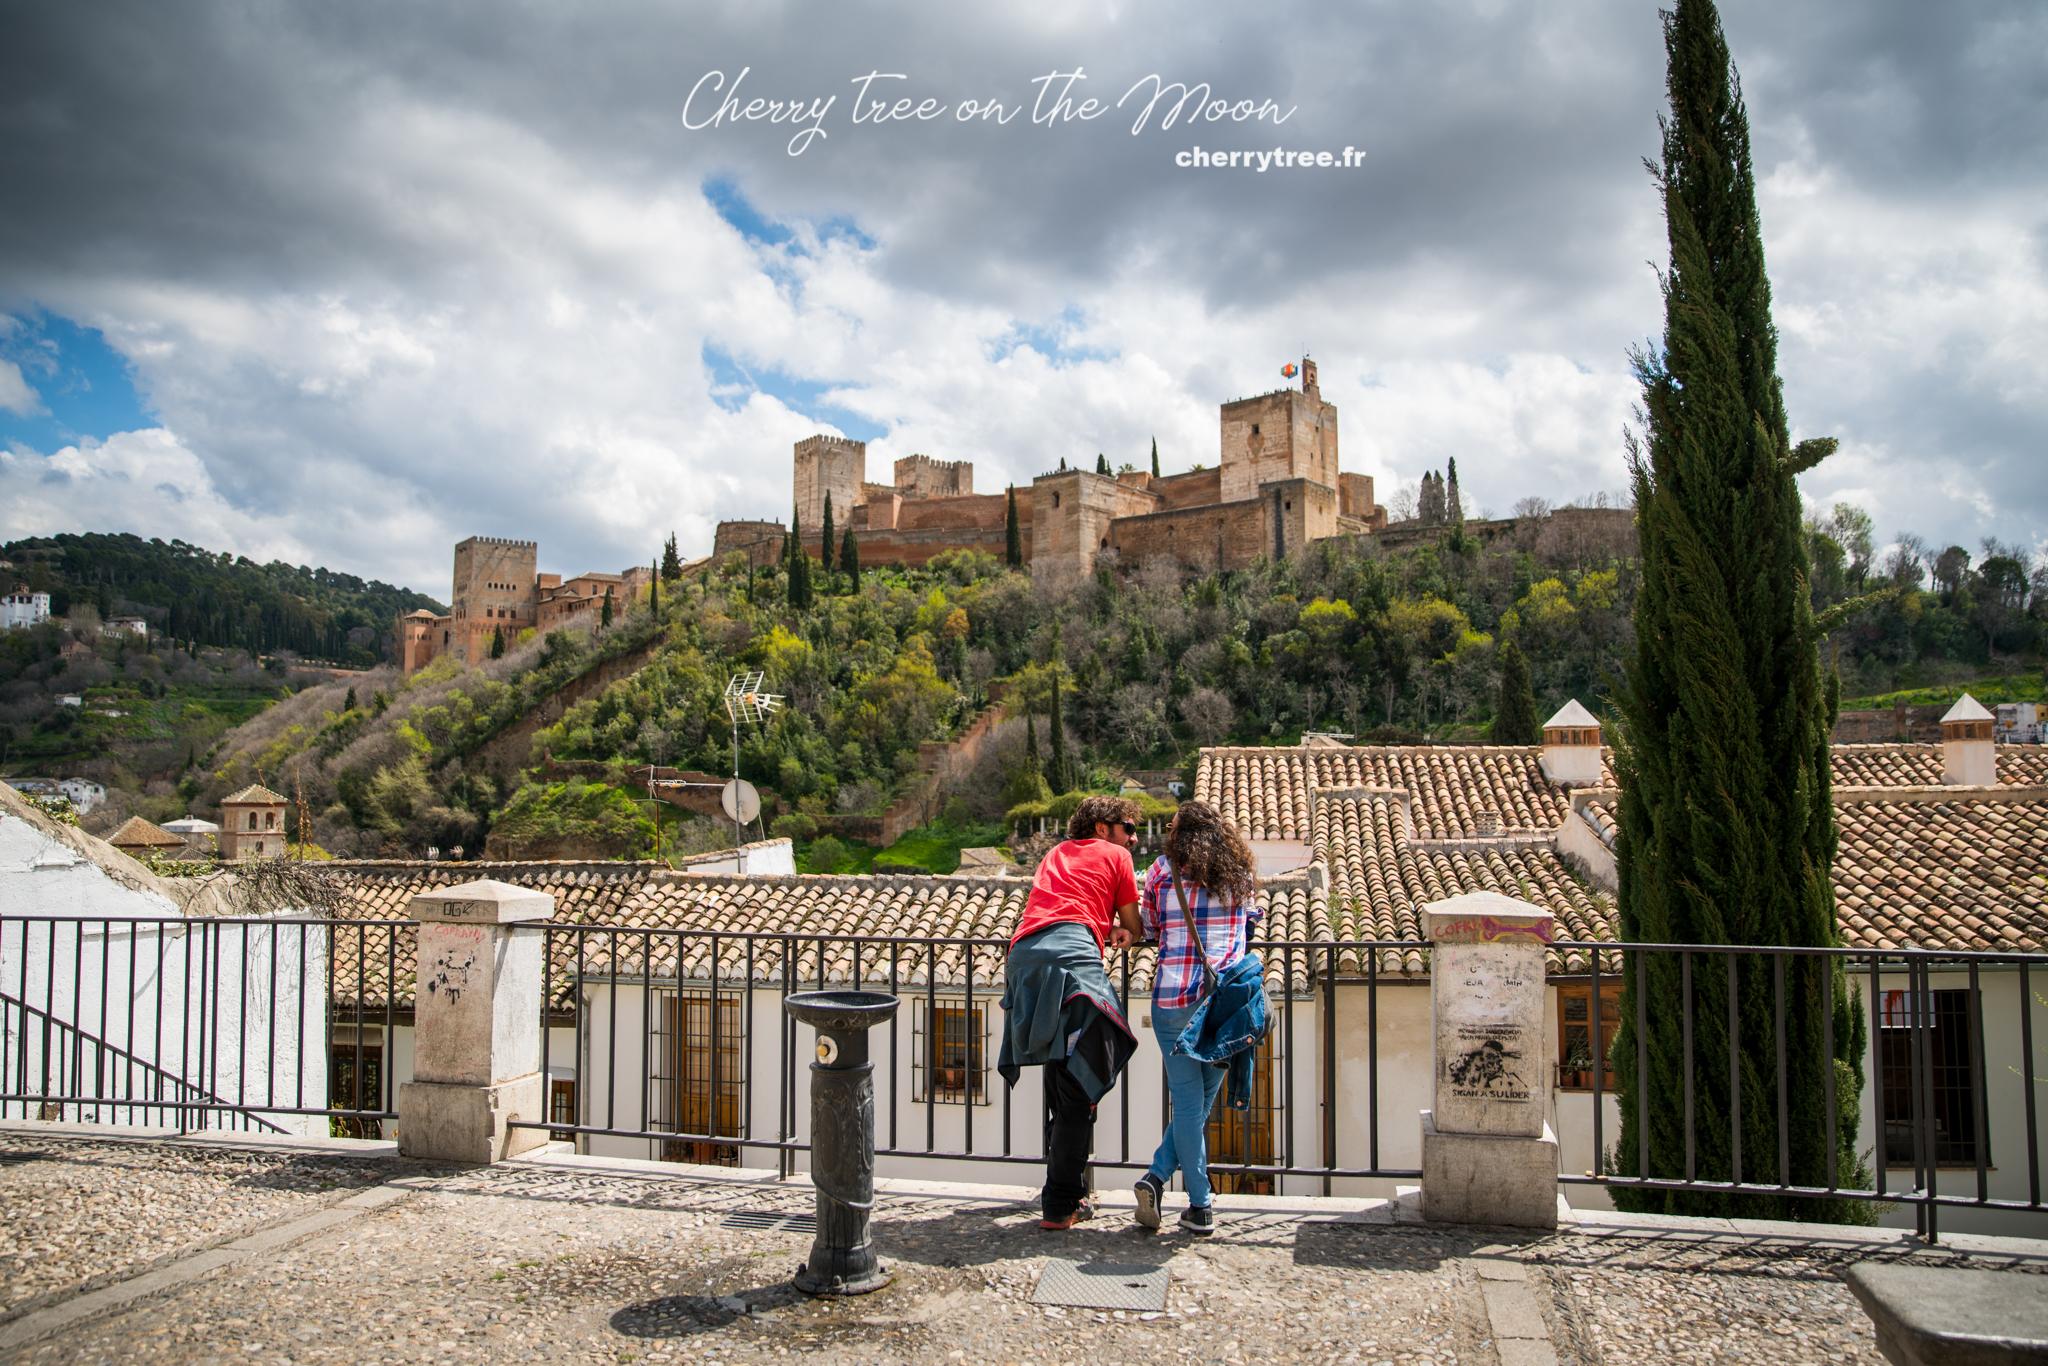 Vừa đi lạc, vừa ngắm Alhambra từ phía Albayzin